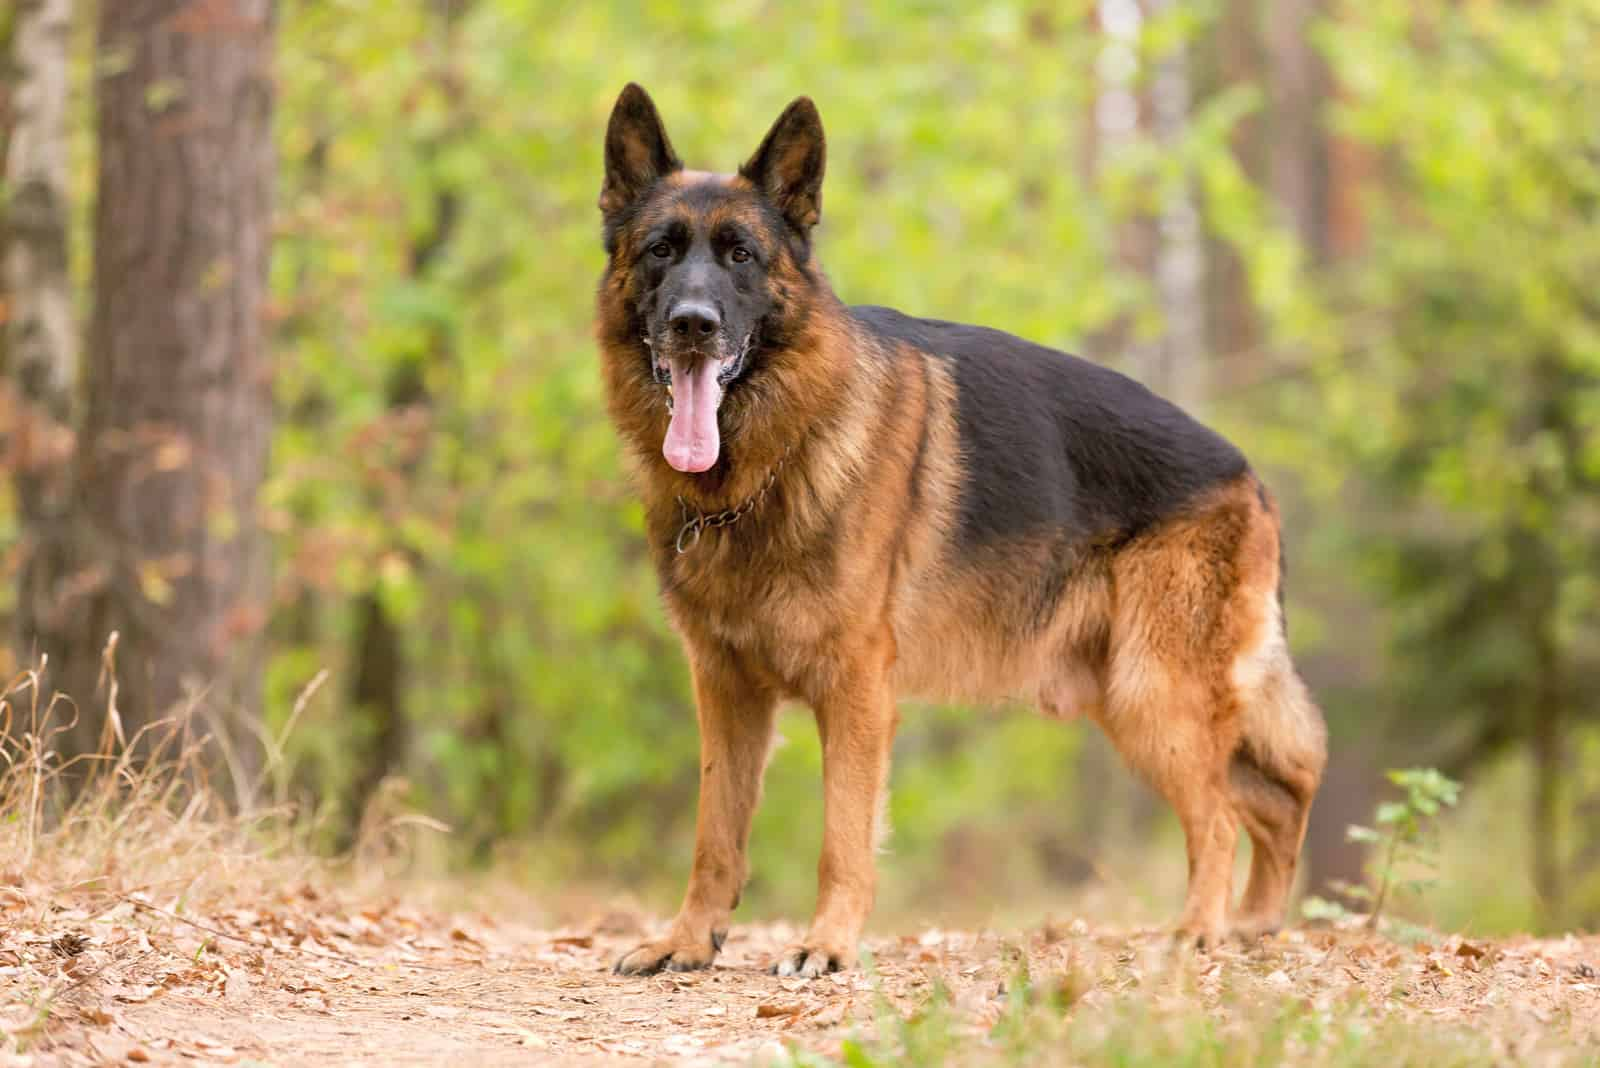 German shepherd standing in forest